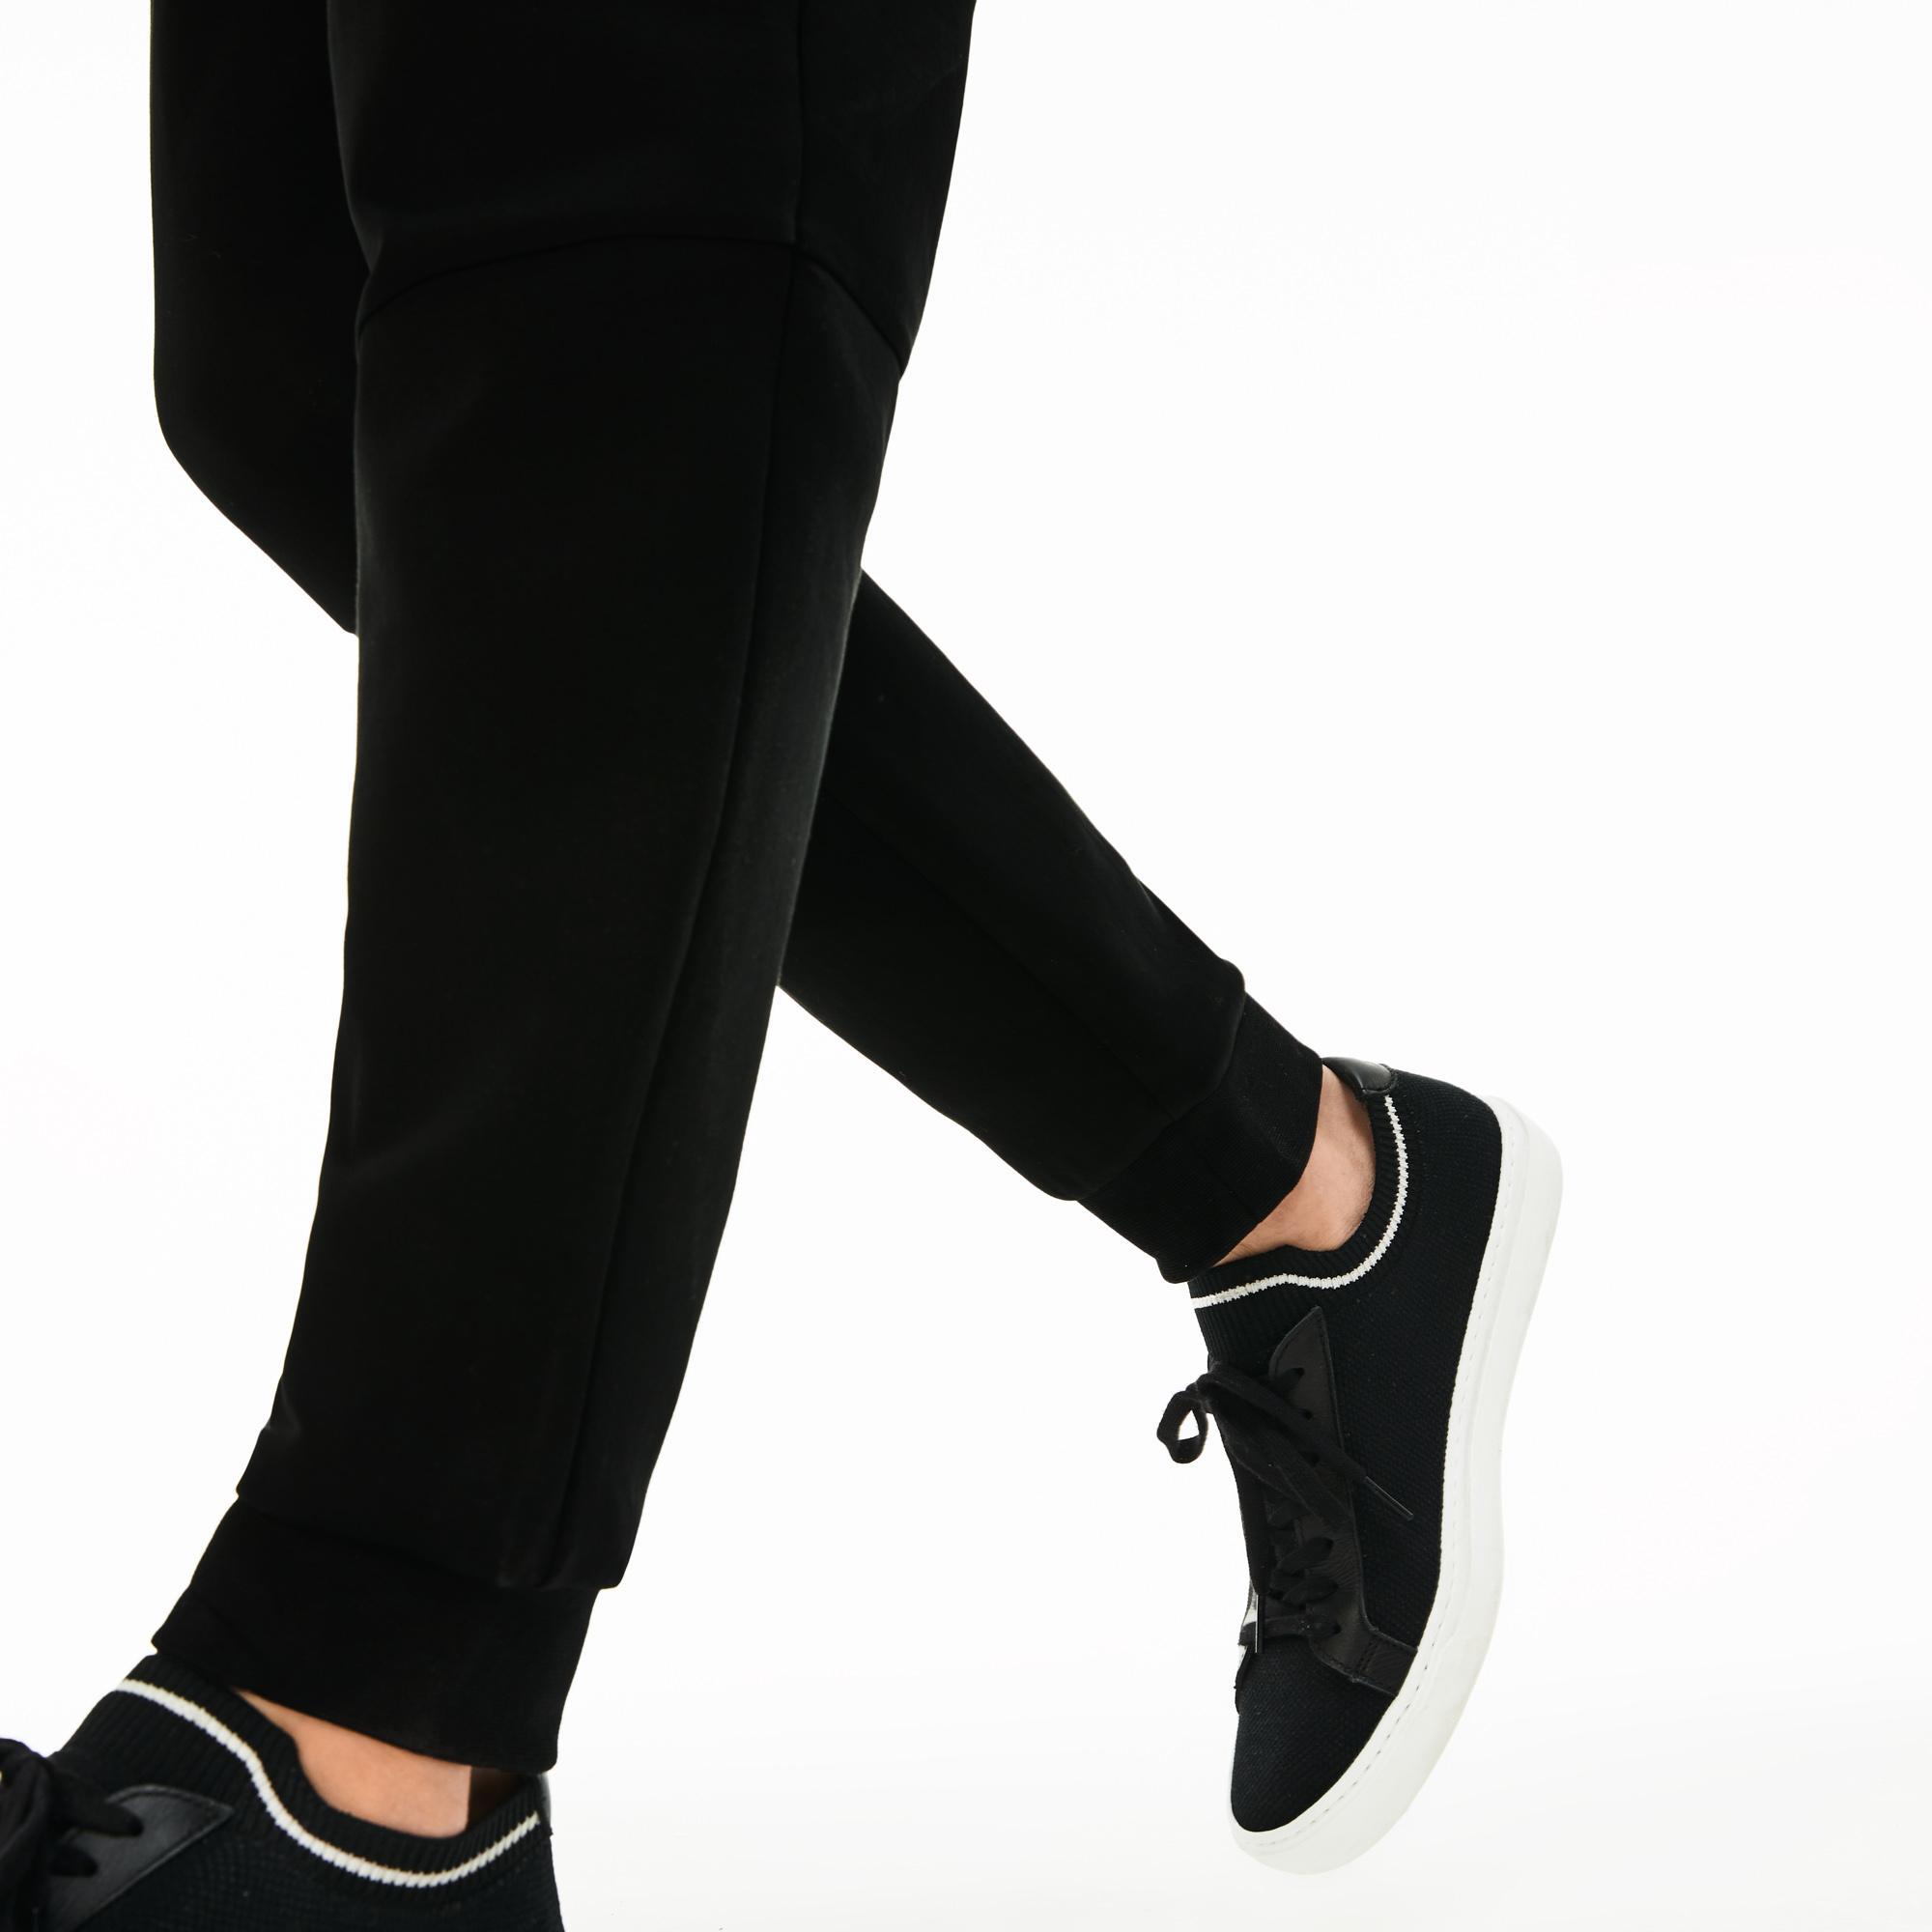 Lacoste Men's Tracksuit Pants